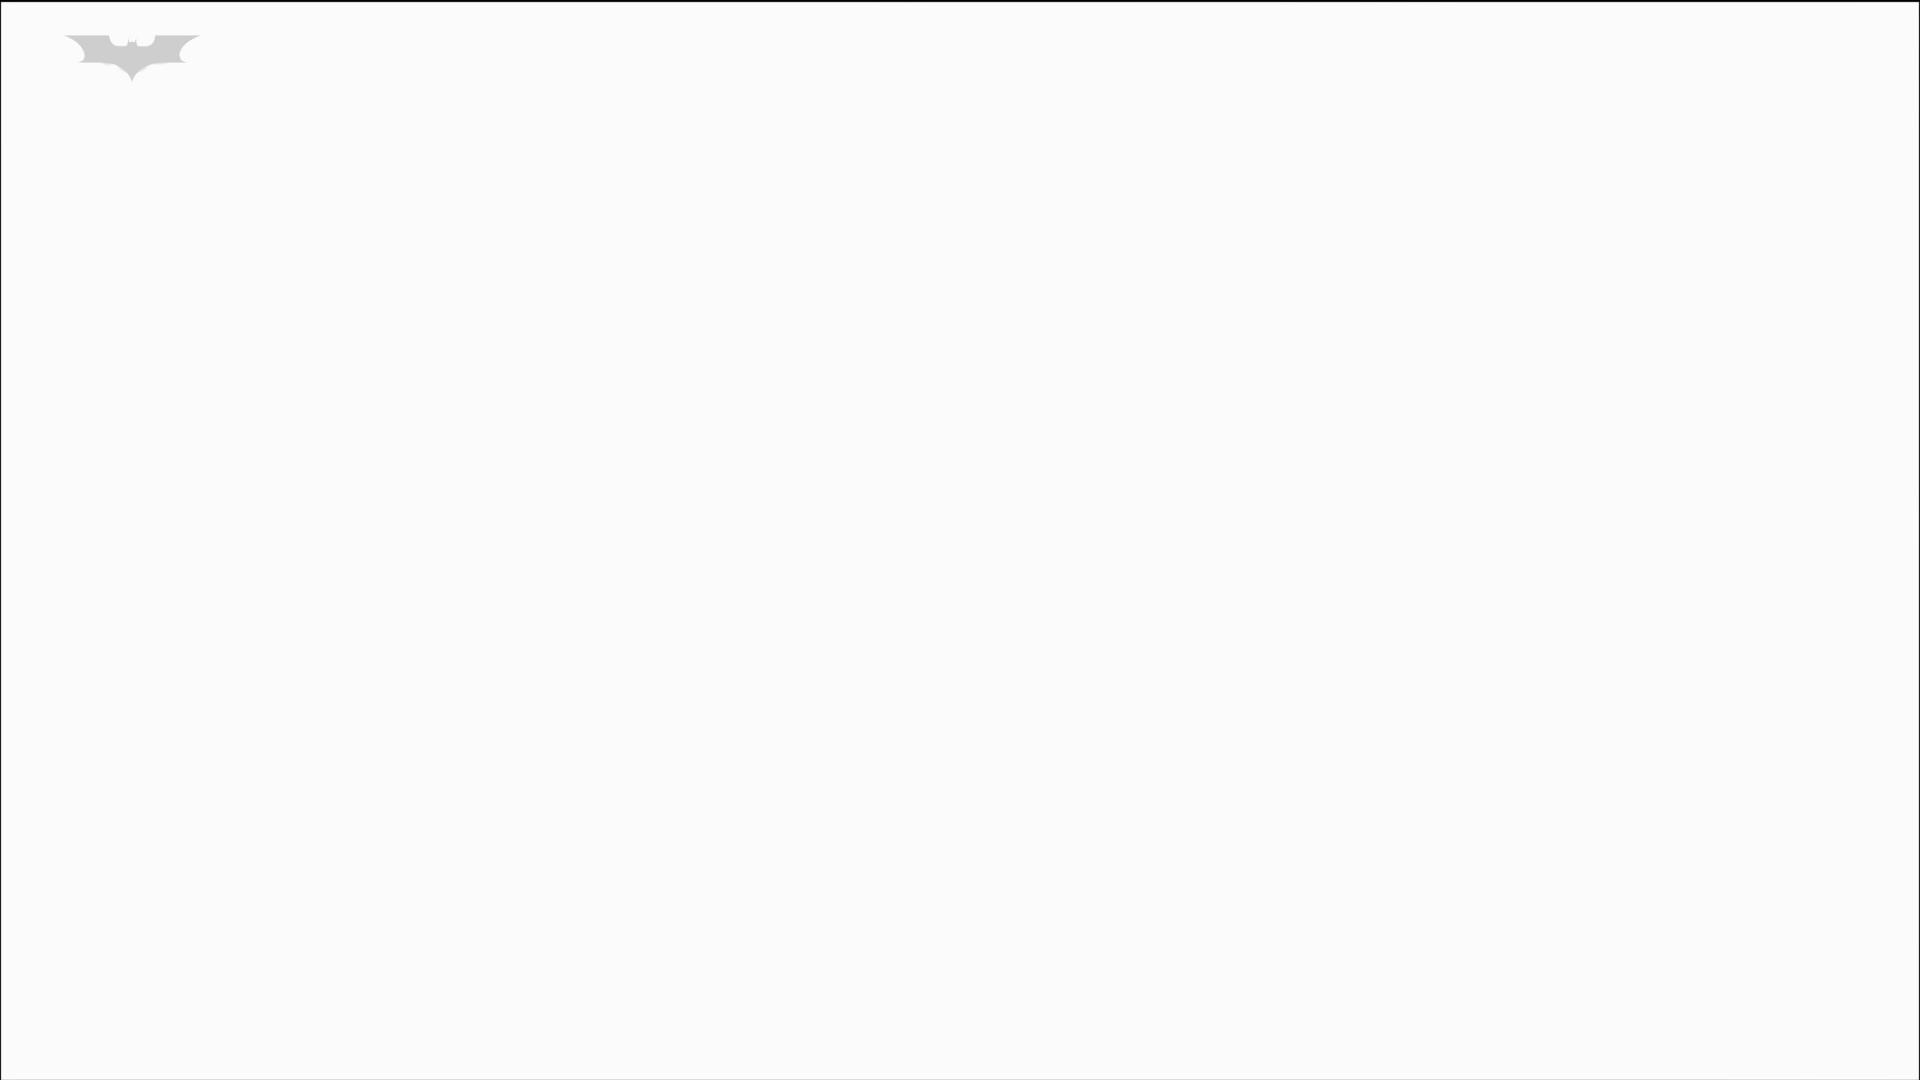 美しい日本の未来 No.22 未来進歩3 感動レベル【2015・12位】 エッチなモデル  102枚 44